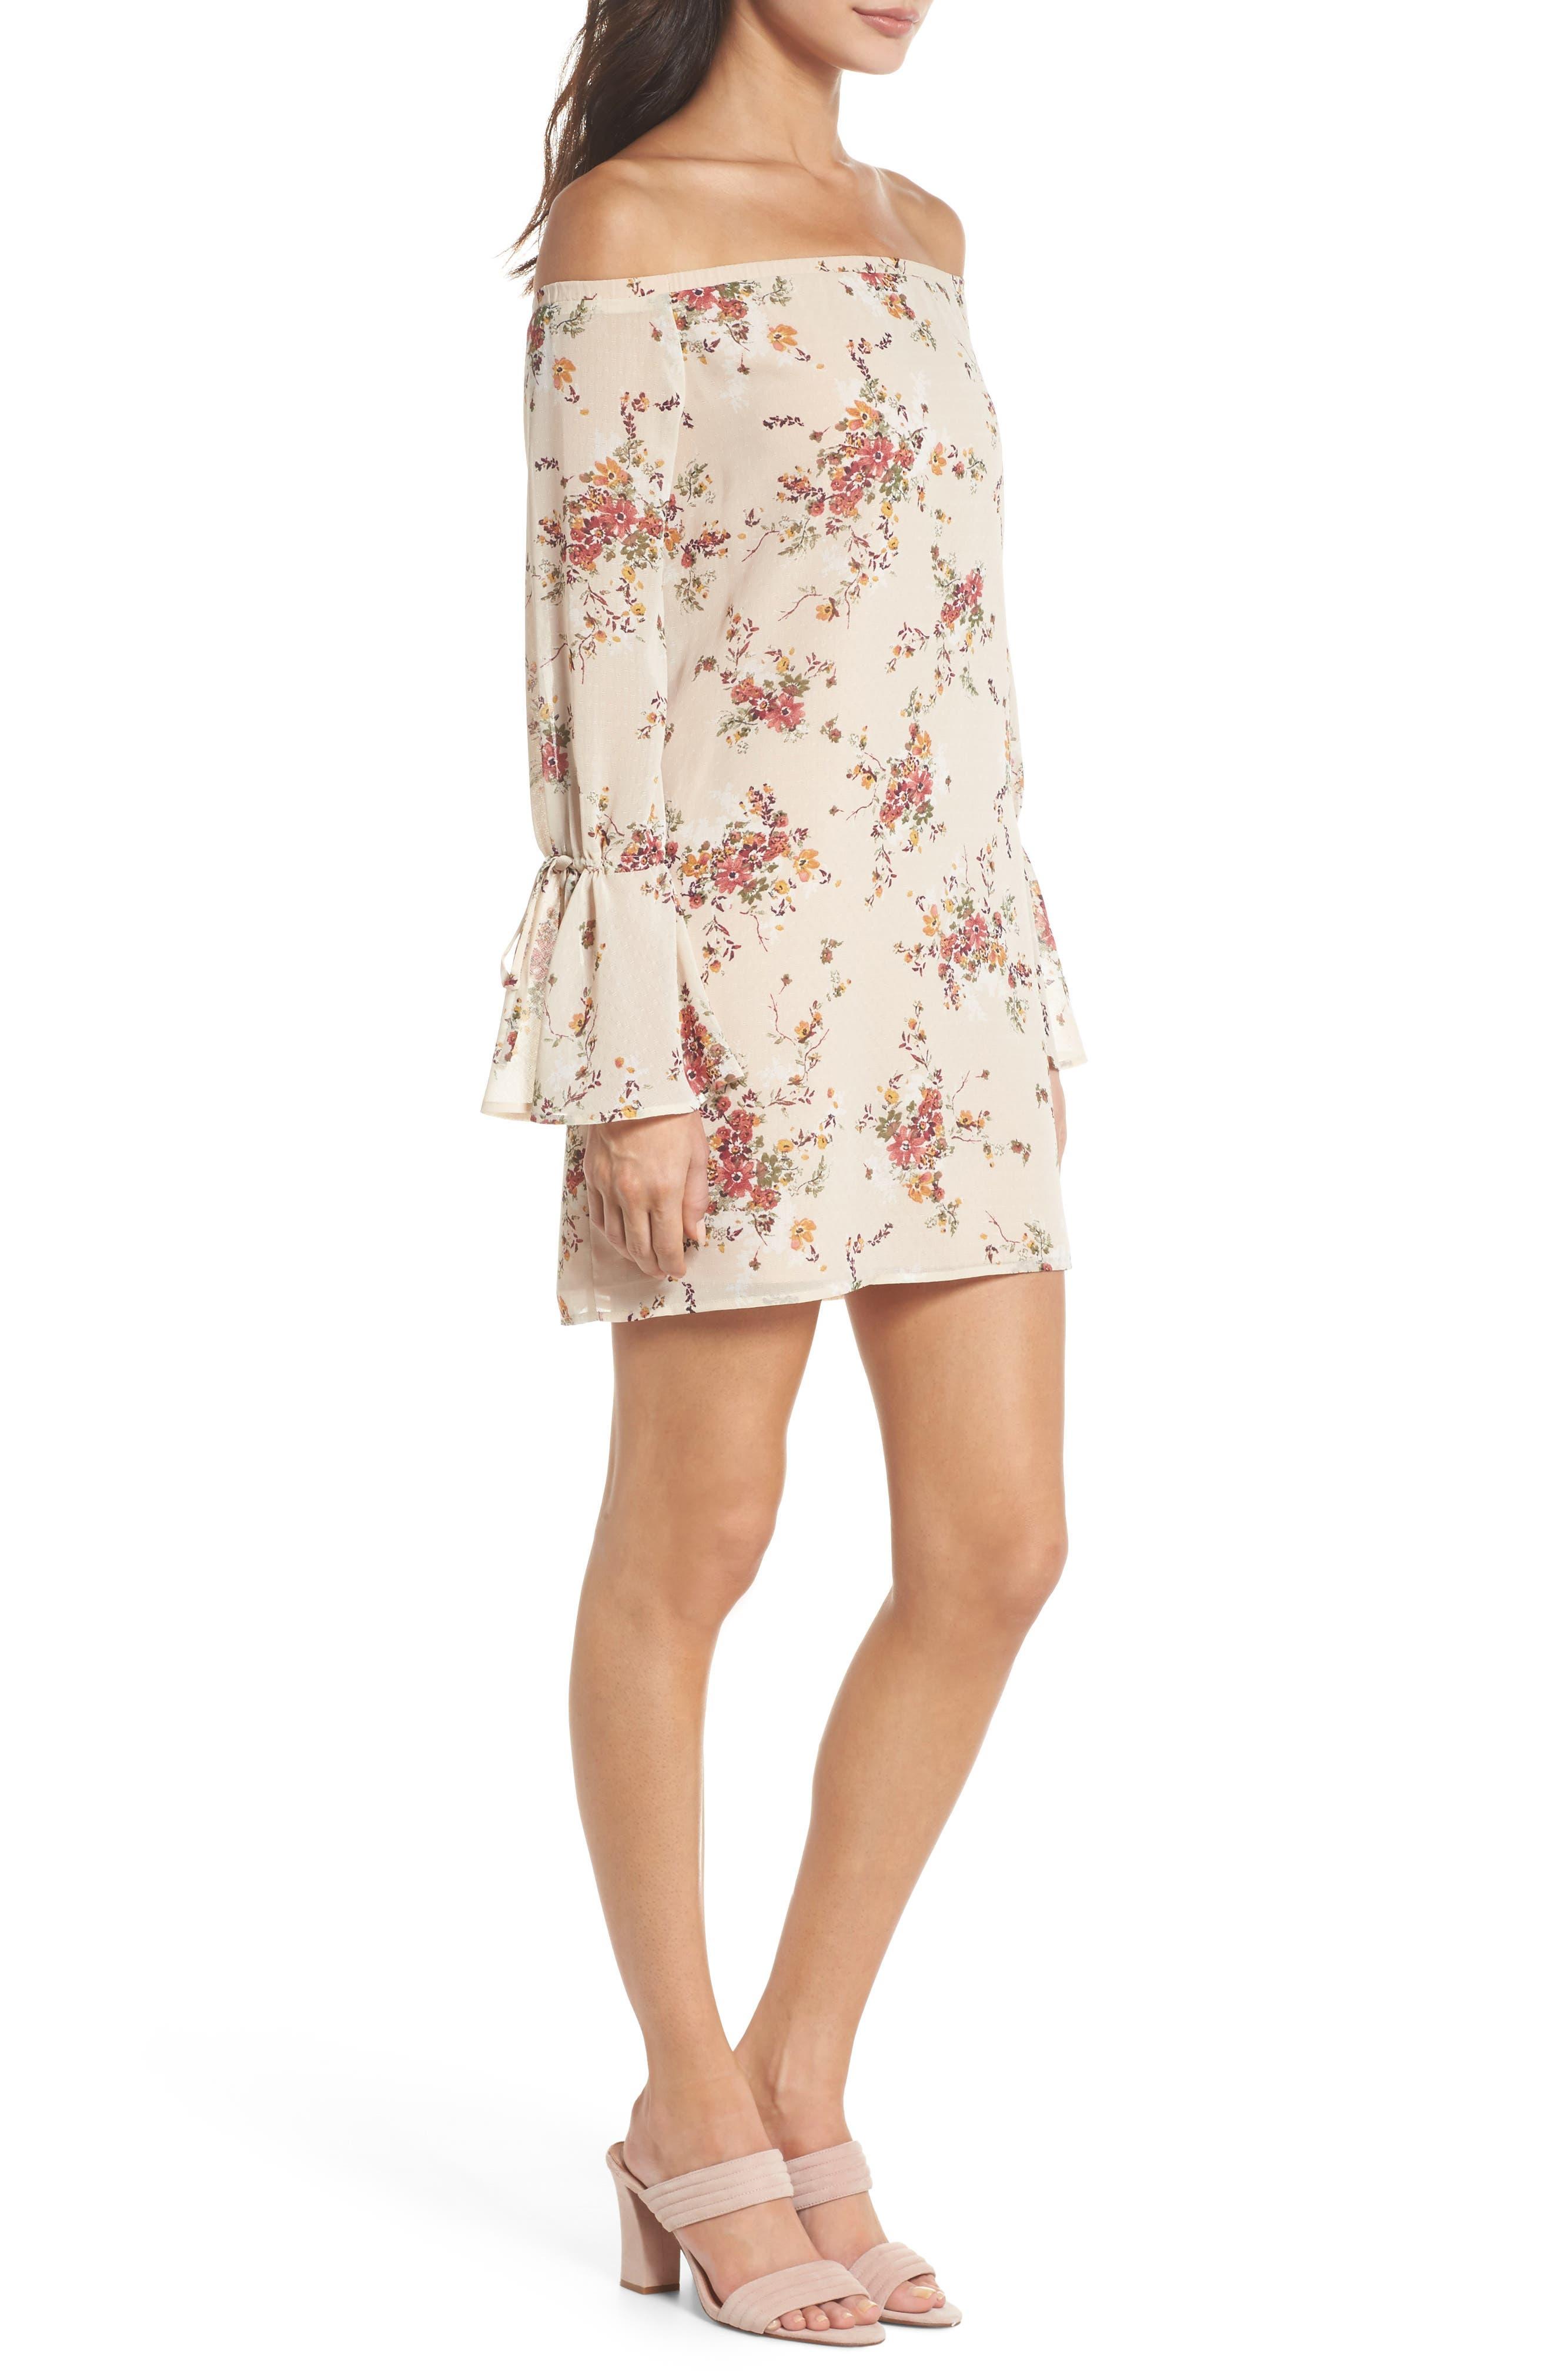 It's Love Floral Off the Shoulder Shift Dress,                             Alternate thumbnail 3, color,                             Crme Vintage Bouquet